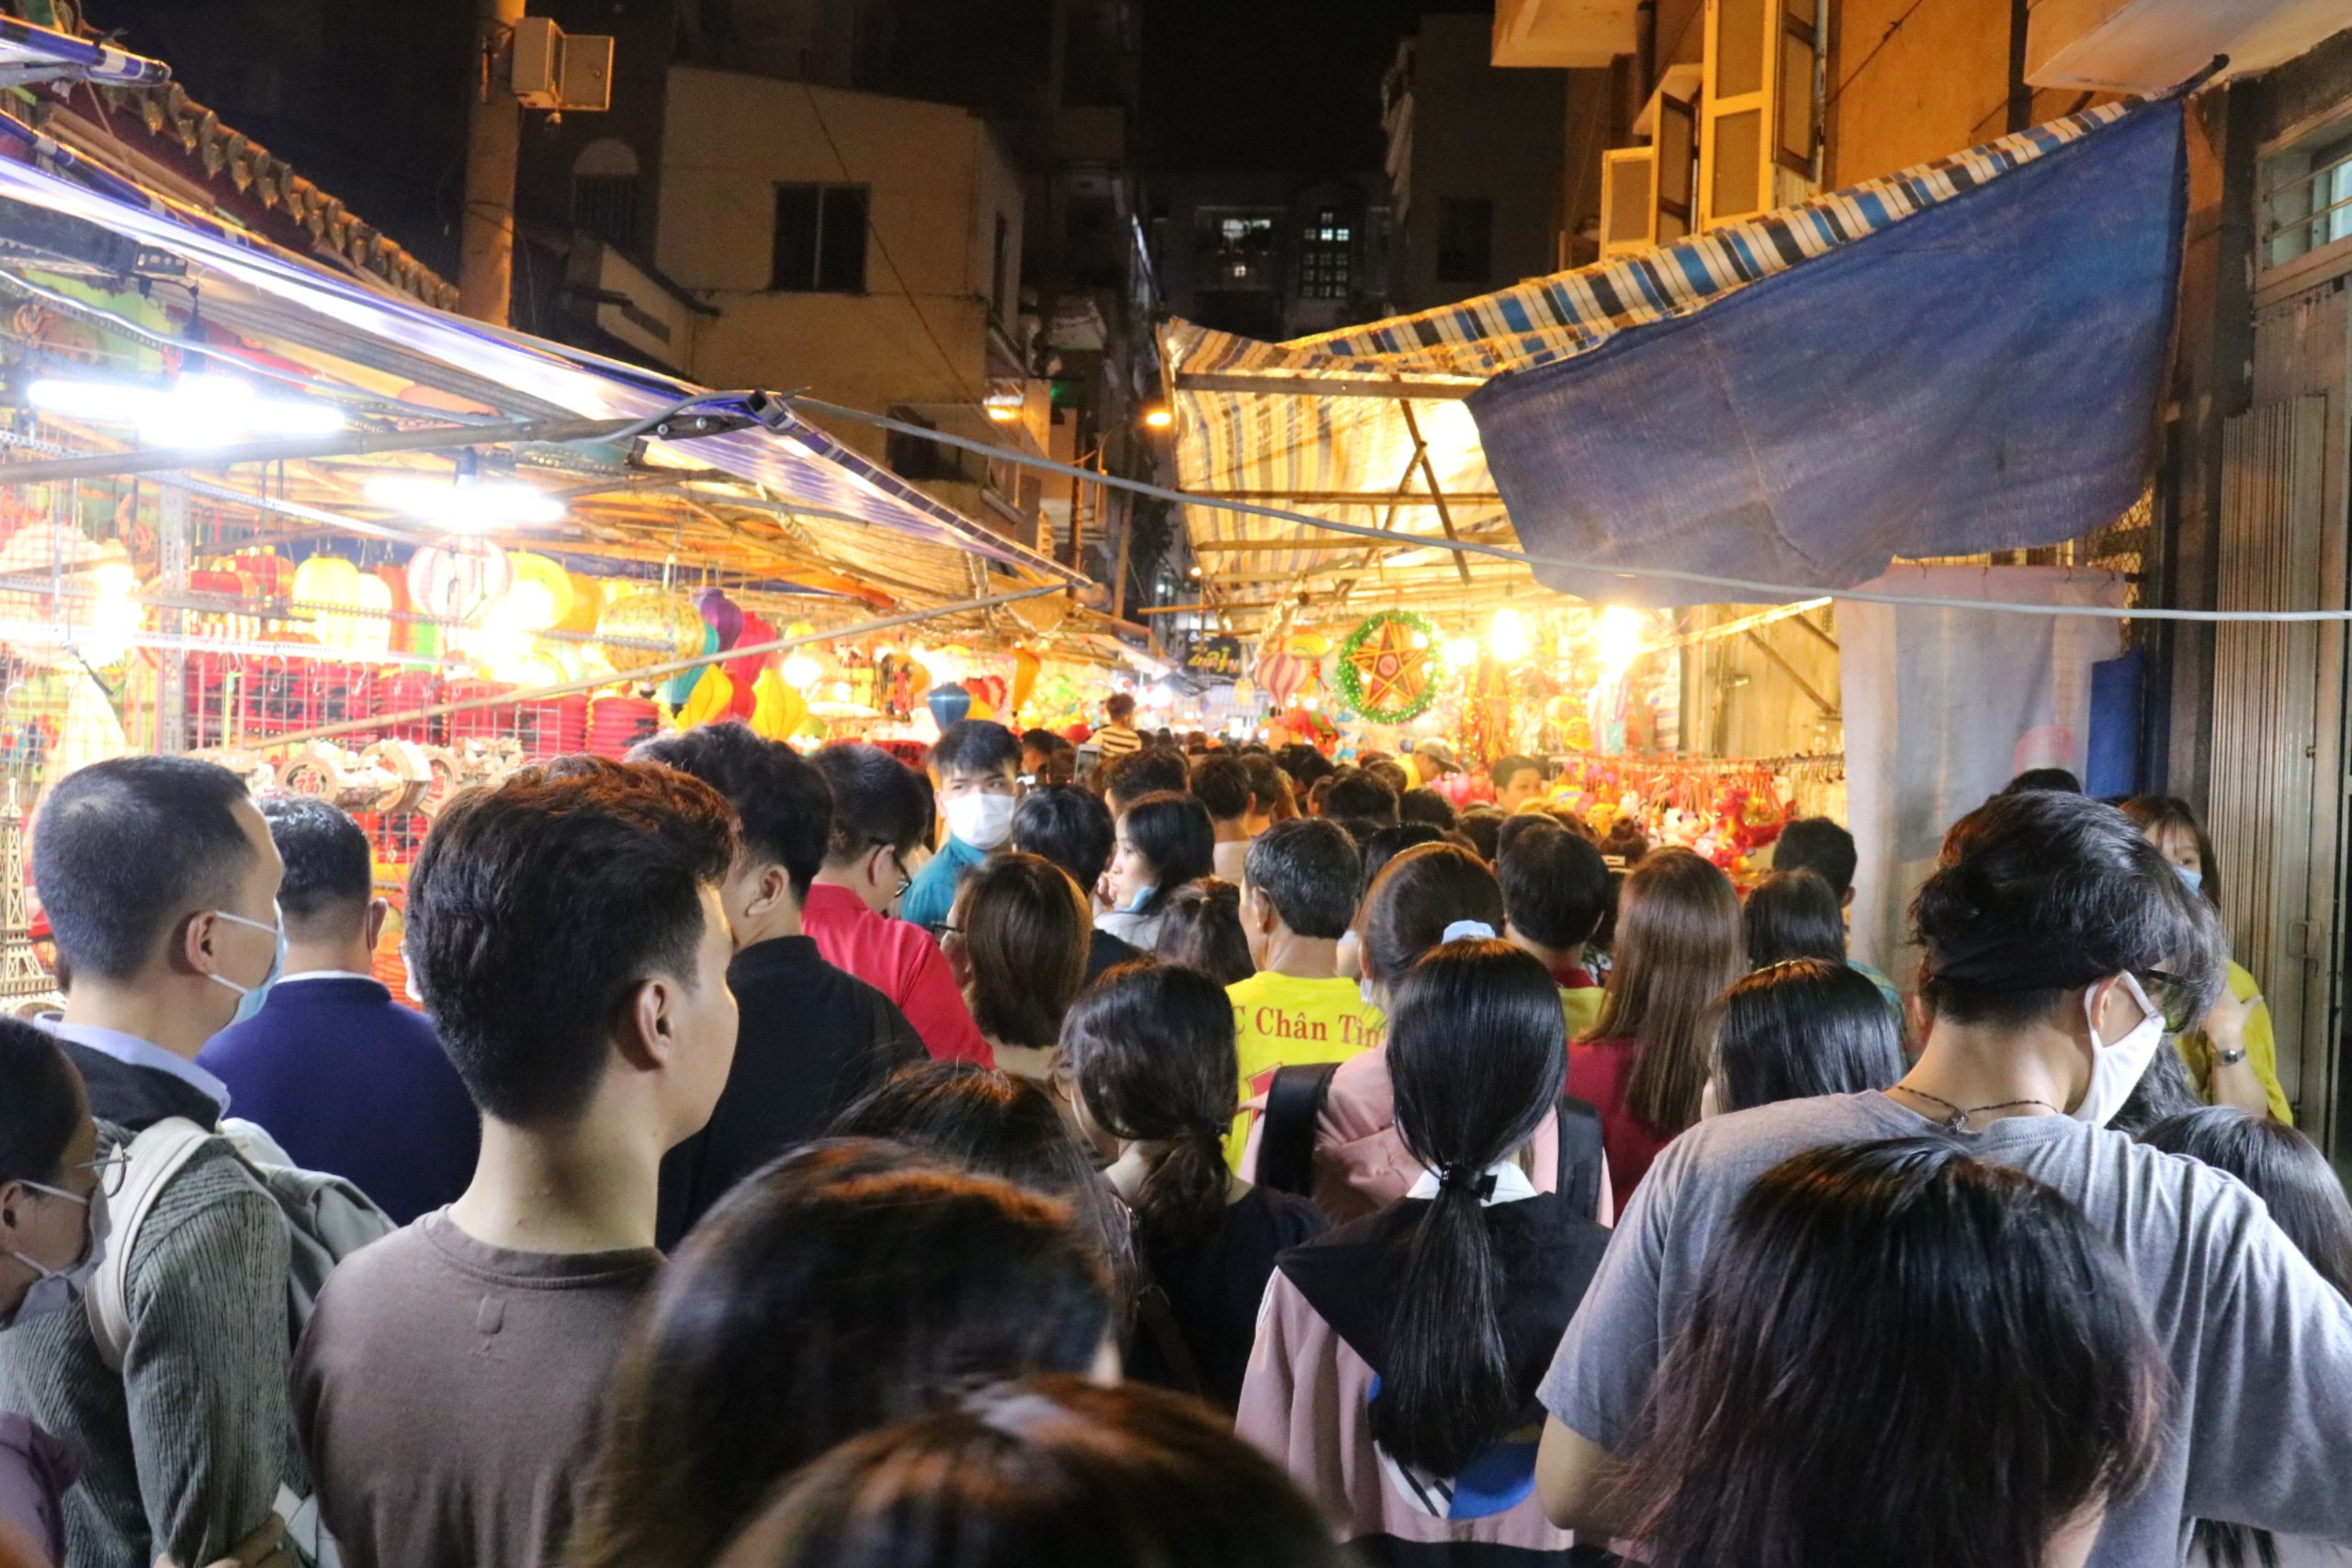 Phố lồng đèn Lương Nhữ Học đêm Trung thu: Nhiều người quay đầu bỏ về khi thấy con đường đông nghẹt không chỗ đứng 1